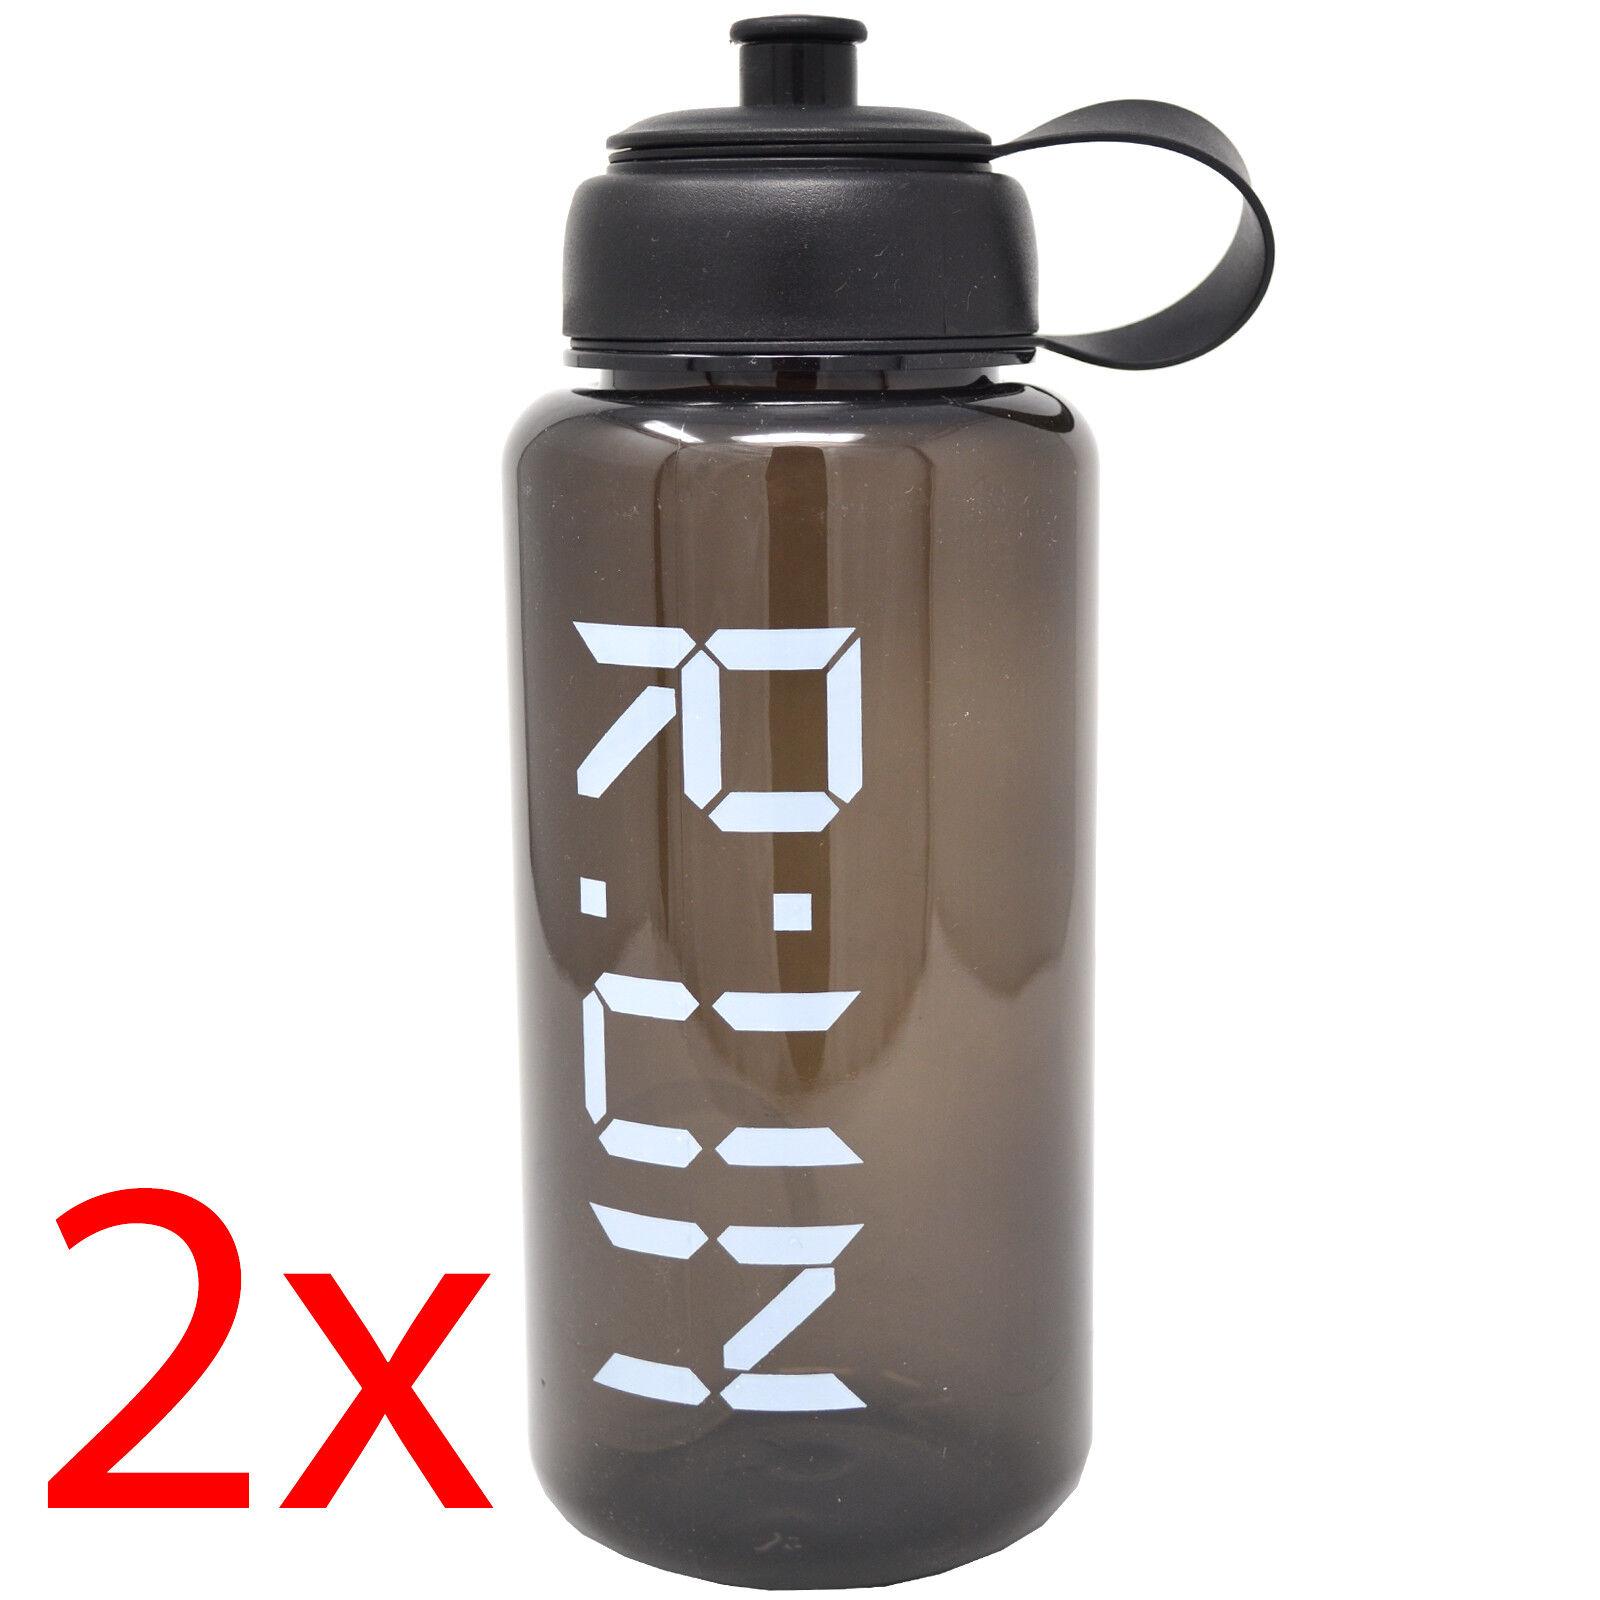 2 X RUN WATER GYM BOTTLE 1L Laufen SPORT TRAINING HYDRATION Radfahren BPA FREE